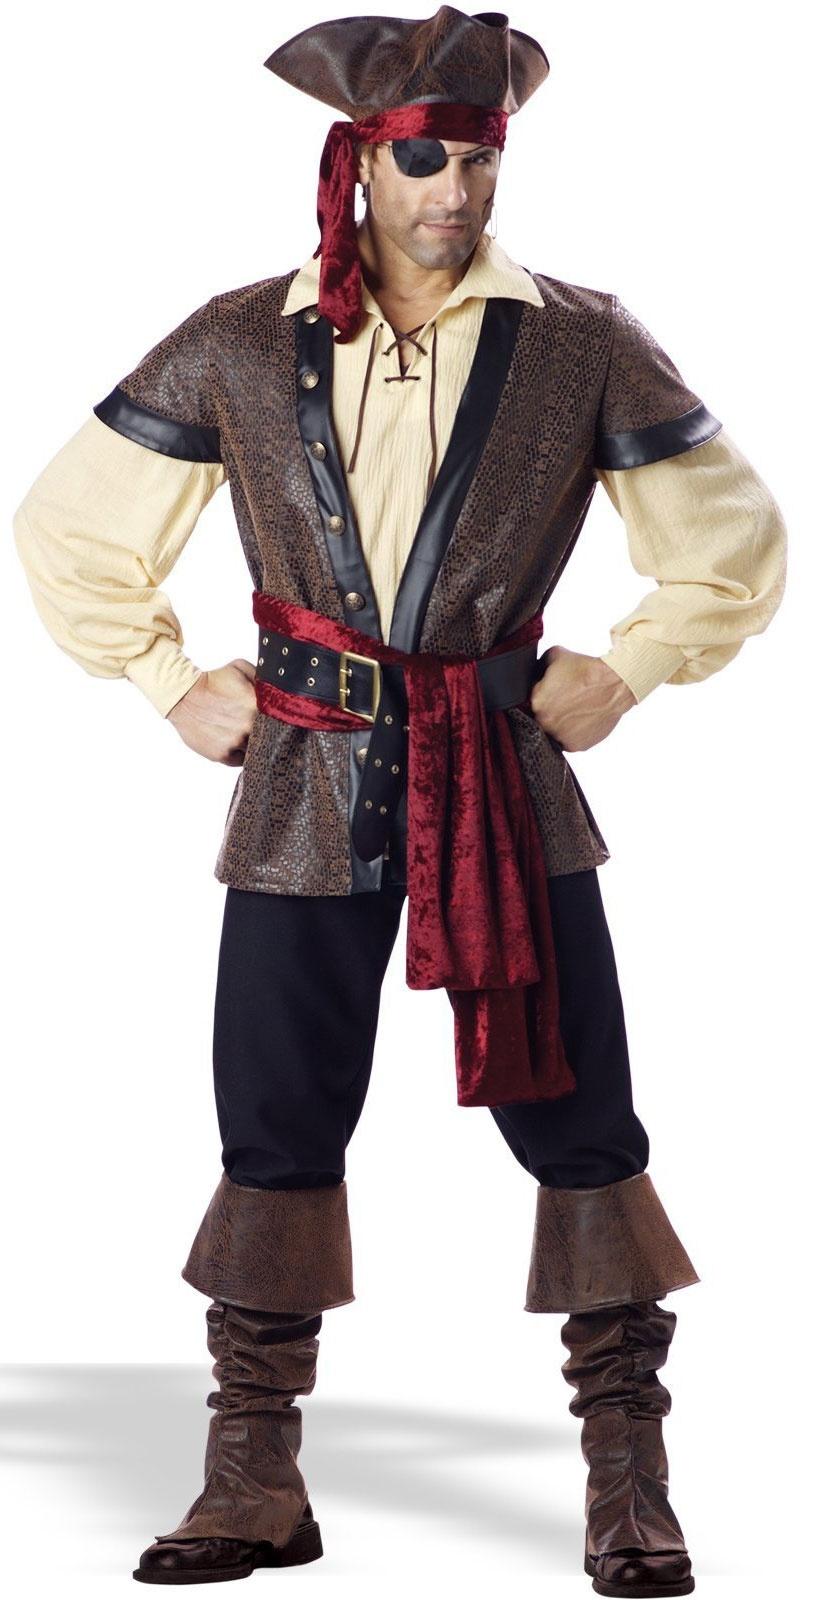 Rustic Pirate Male Adult Costume